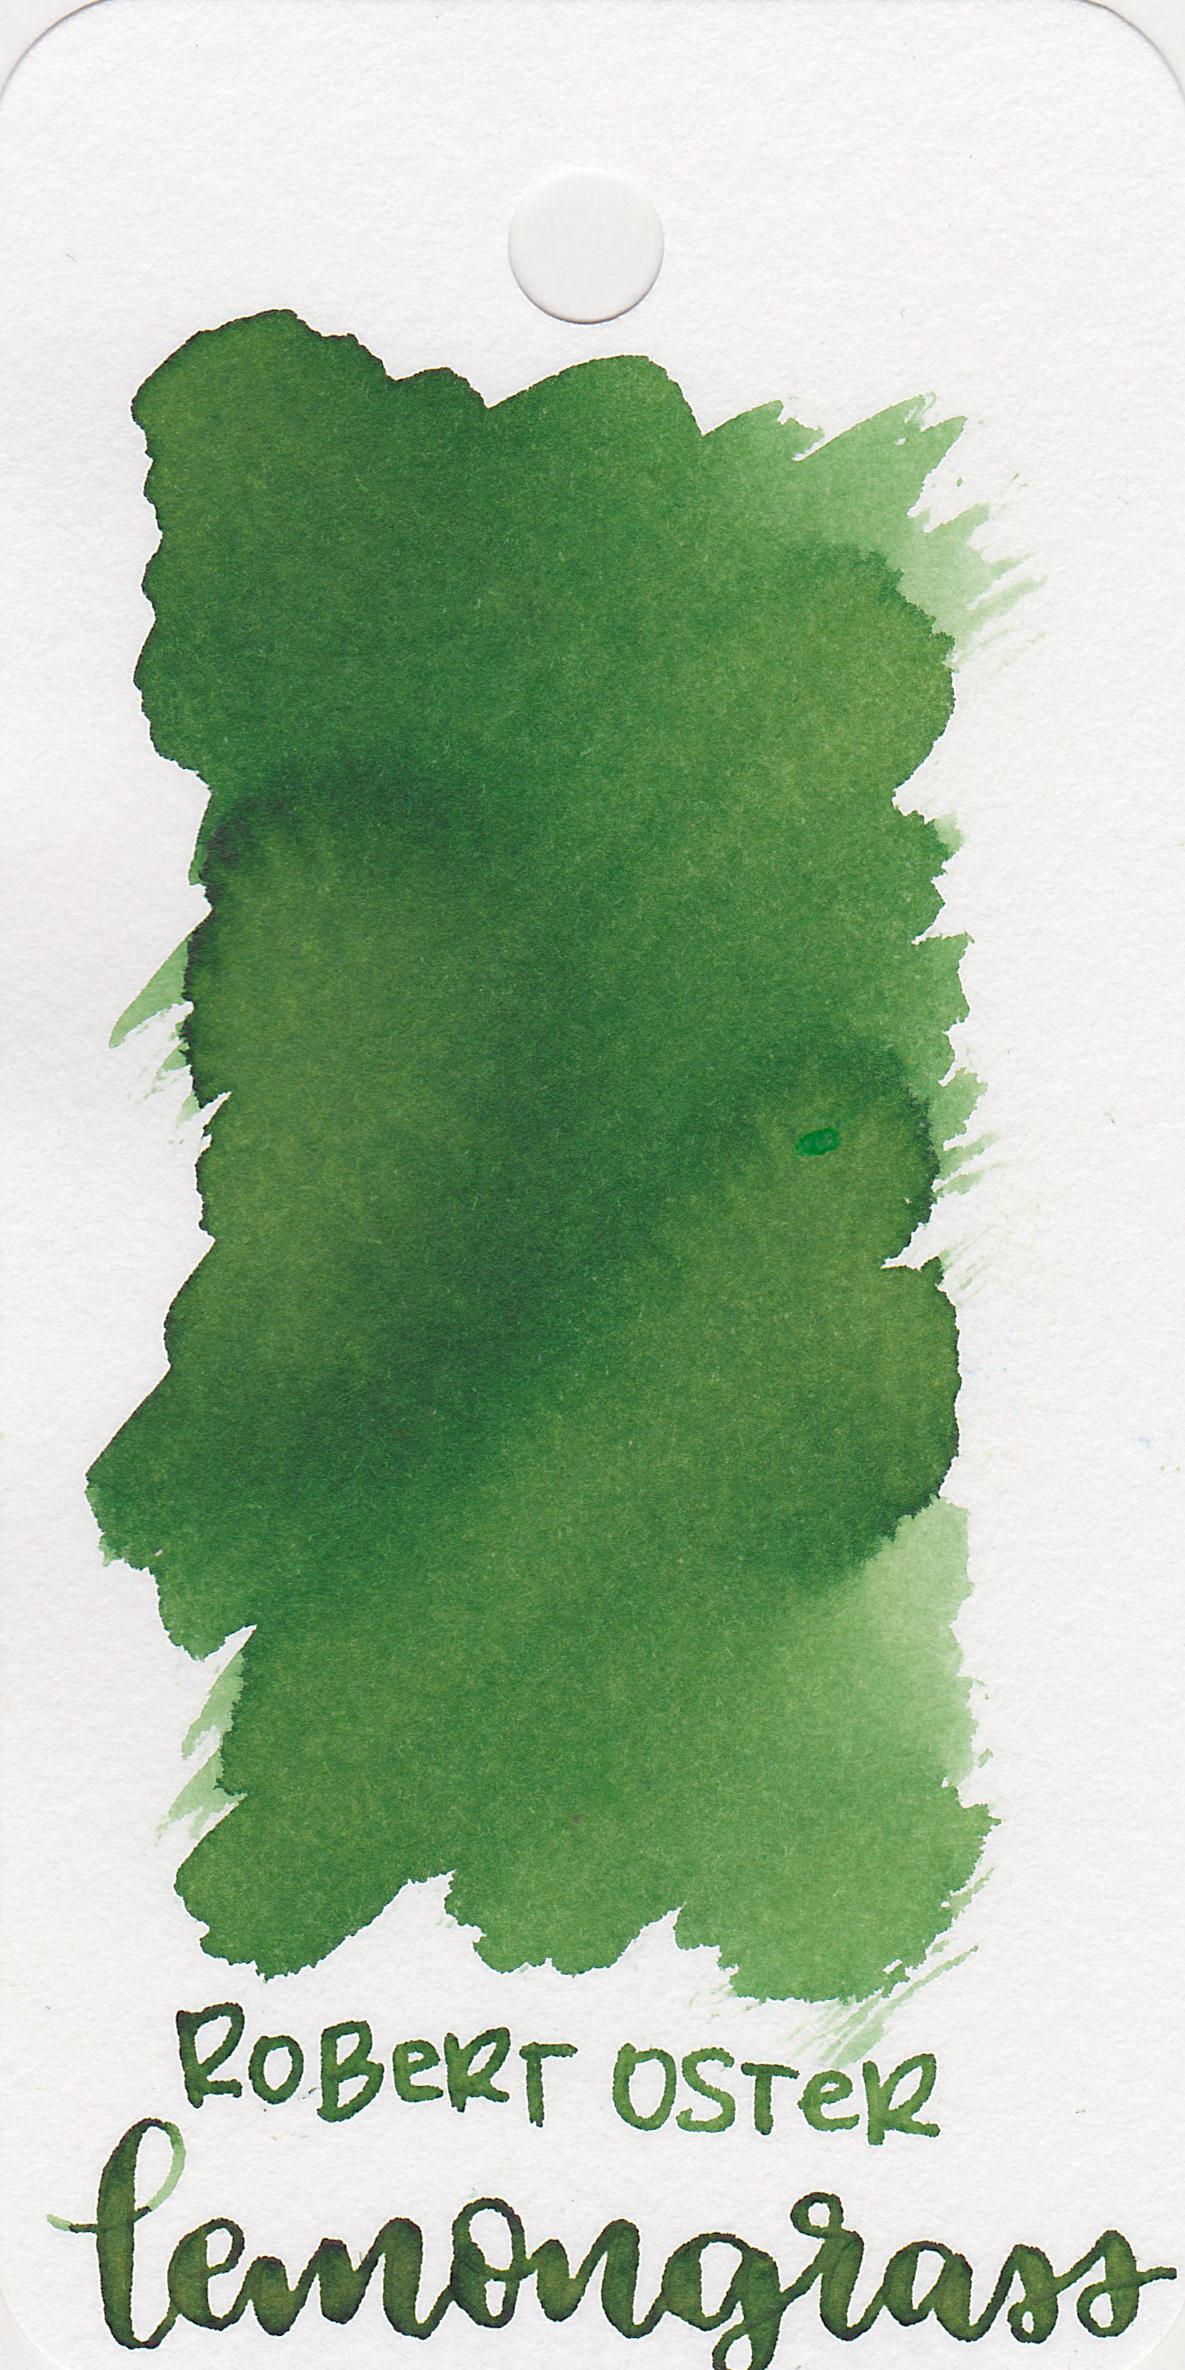 ro-lemon-grass-1.jpg